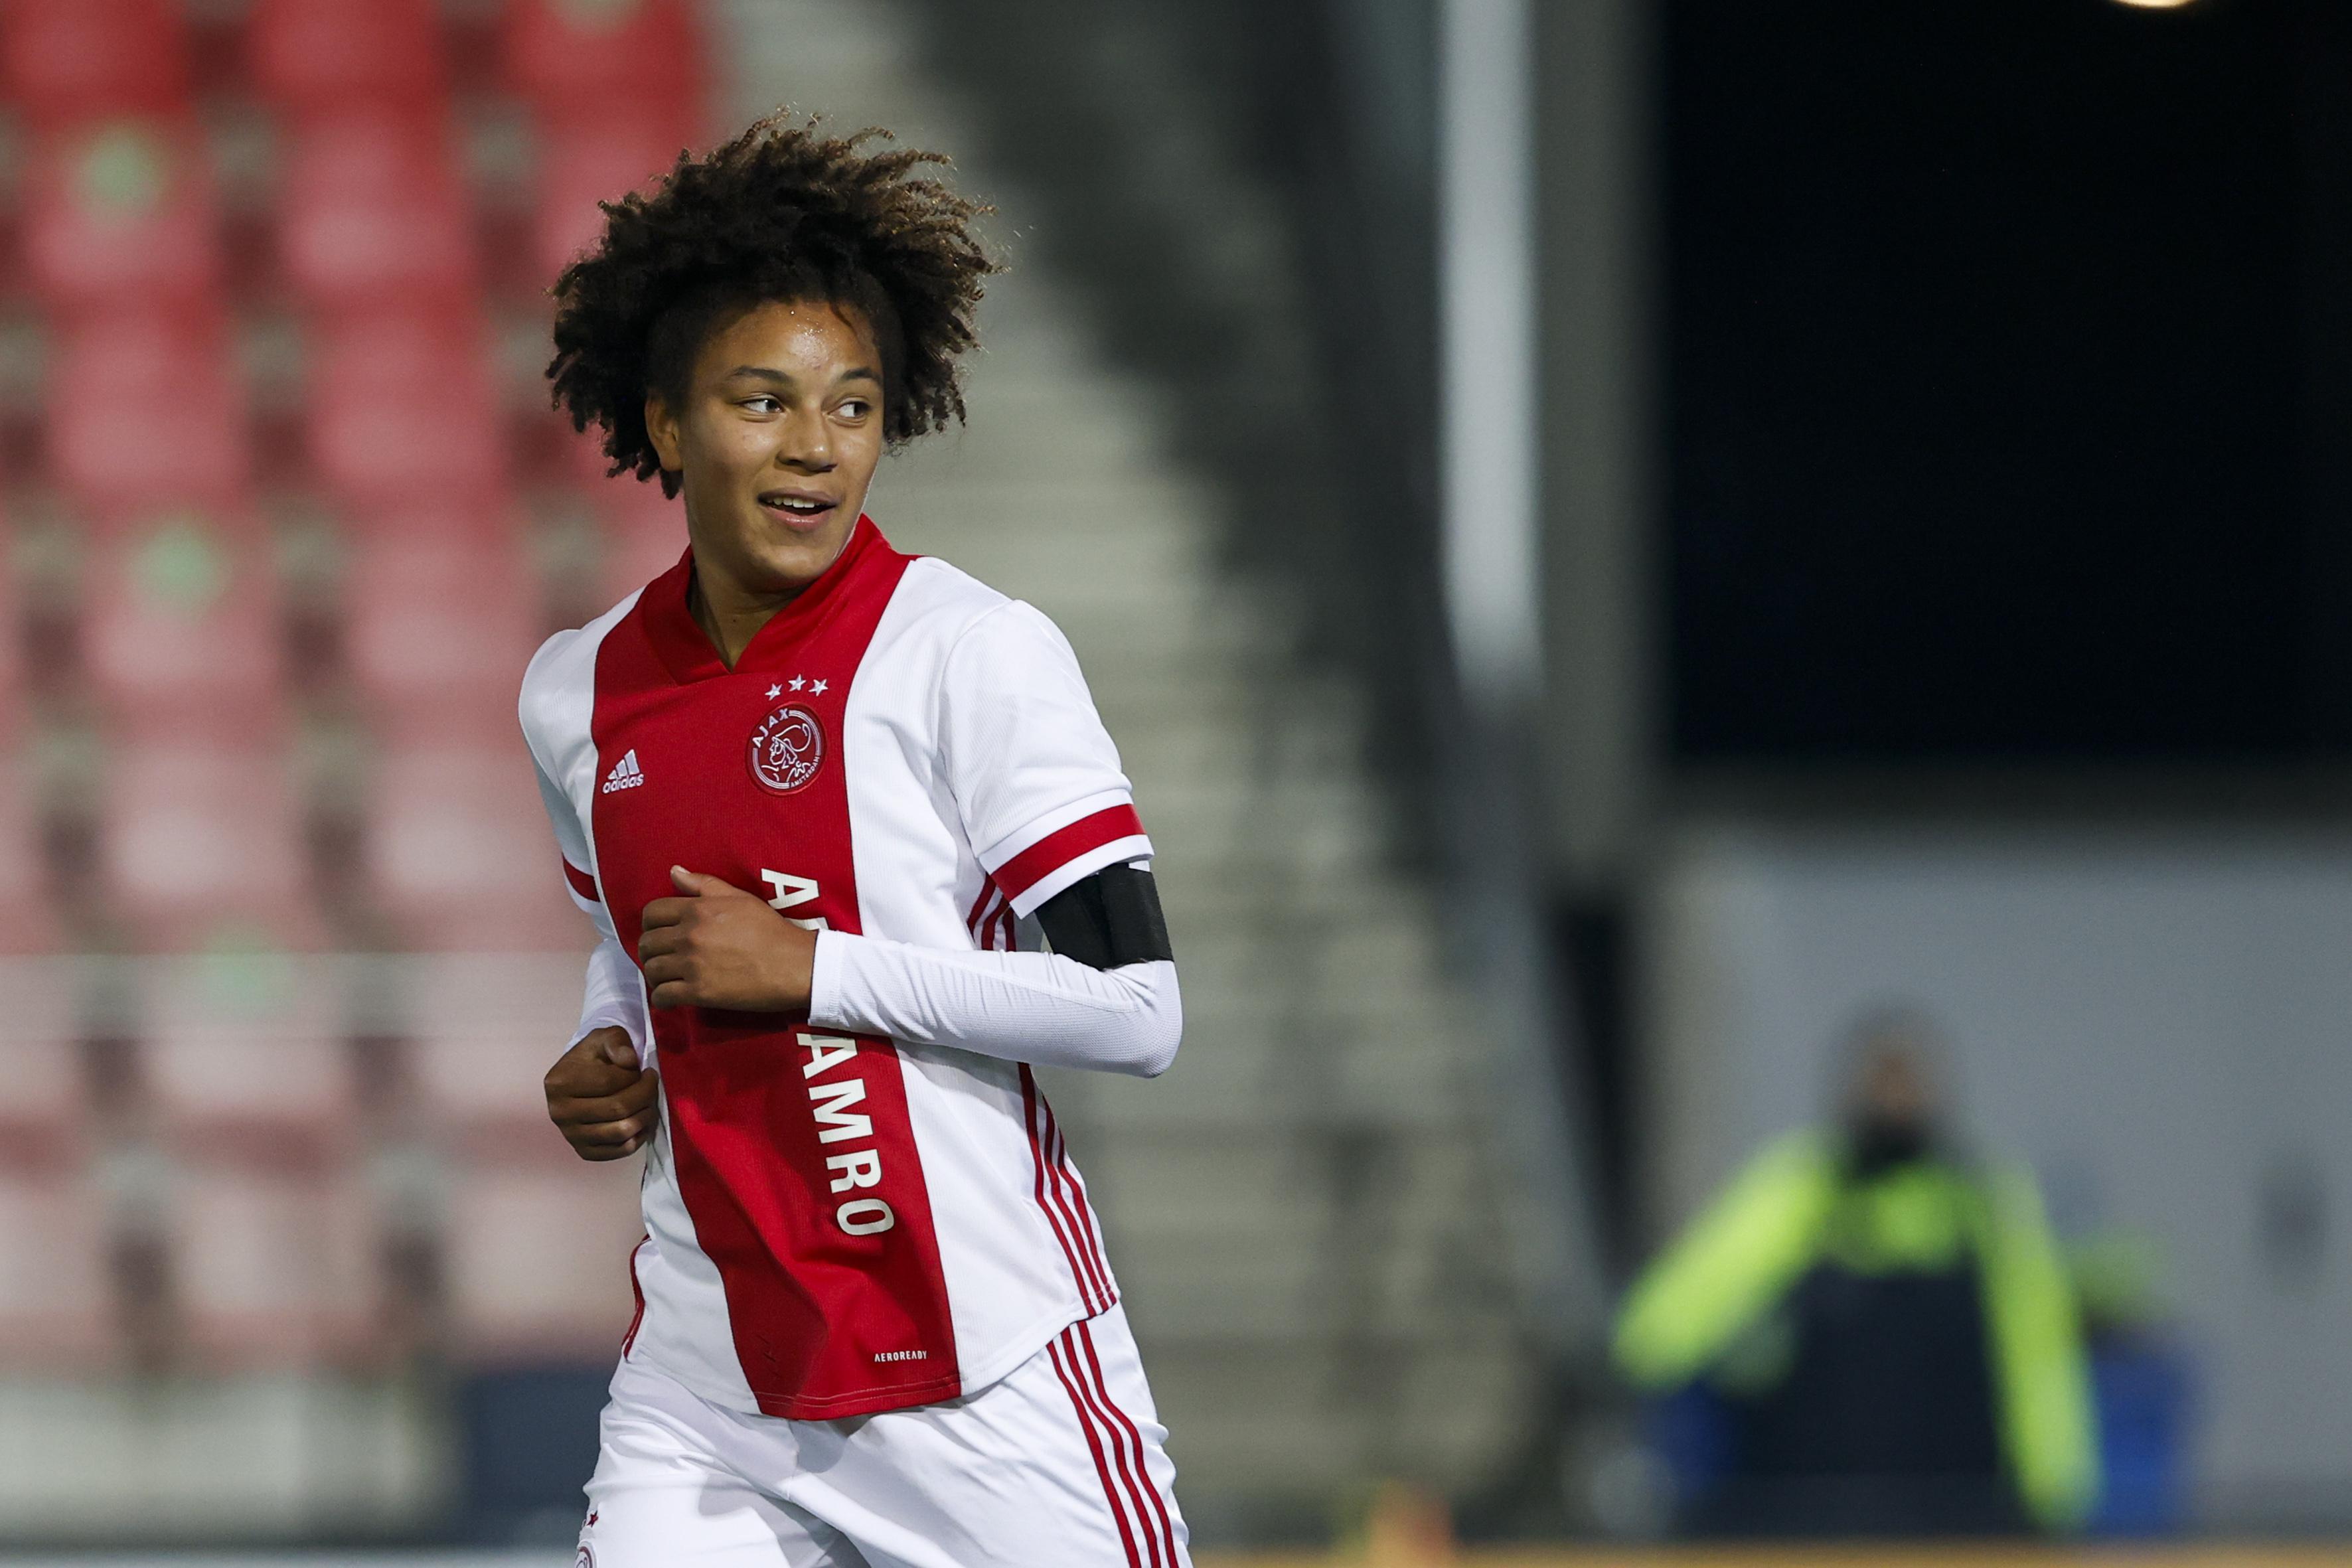 Isabelle Hoekstra nieuw bij Ajax: 'In eerste instantie durfden ze niet om het duel aan te gaan. Daarna merkten ze dat ik toch aardig kon voetballen en pakten ze me aan. Zo kreeg ik goede tegenstand'